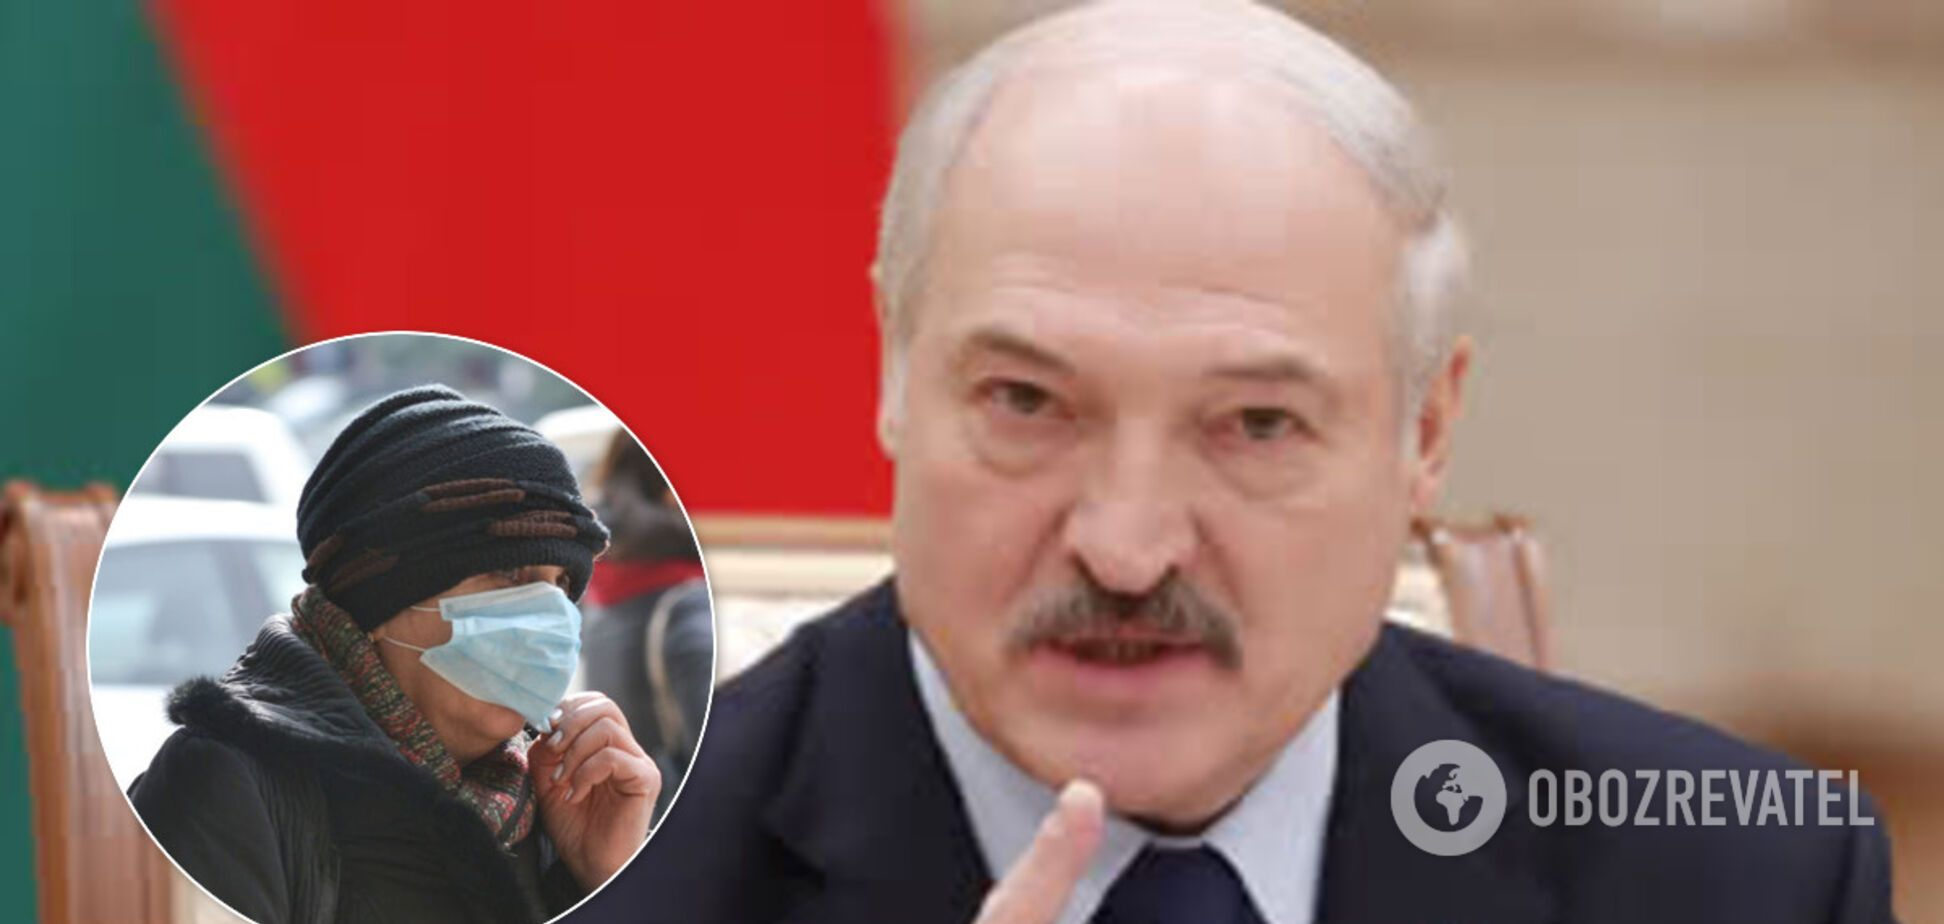 В Беларуси резко огрызнулись из-за вспышки коронавируса